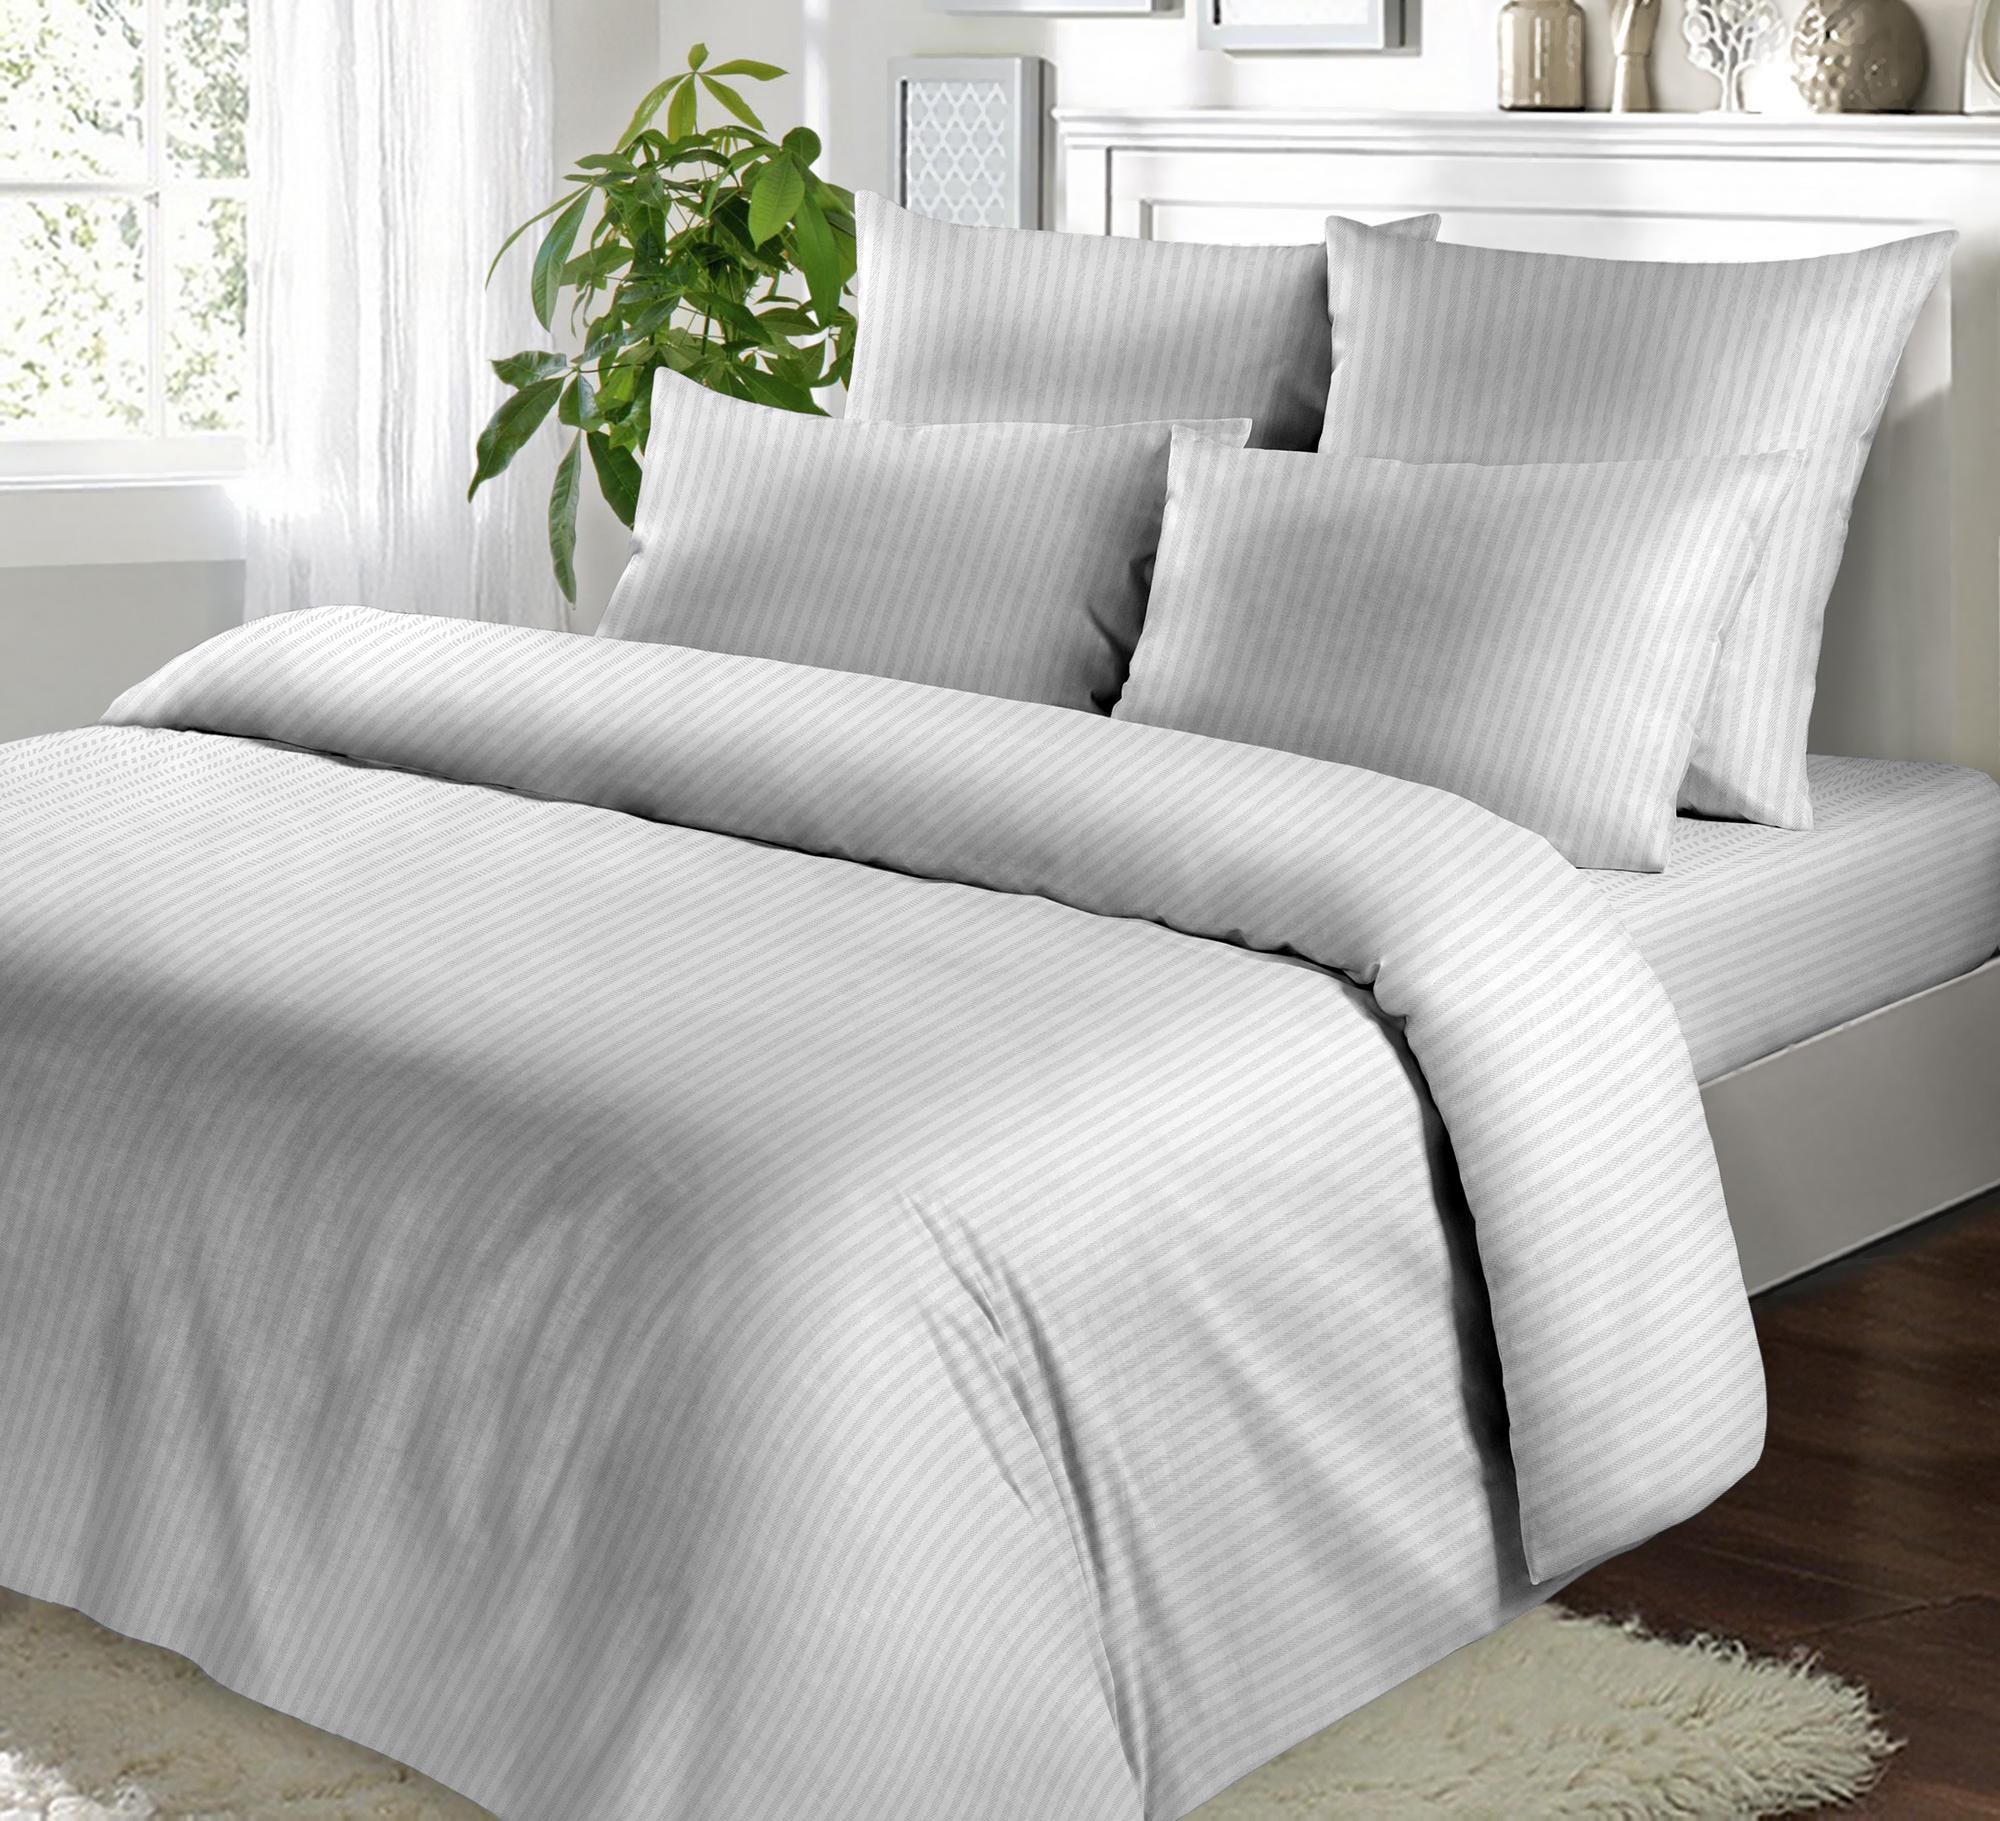 Постельное белье Tadzh-Makhal Цвет: Белый (1,5 спал.) фото